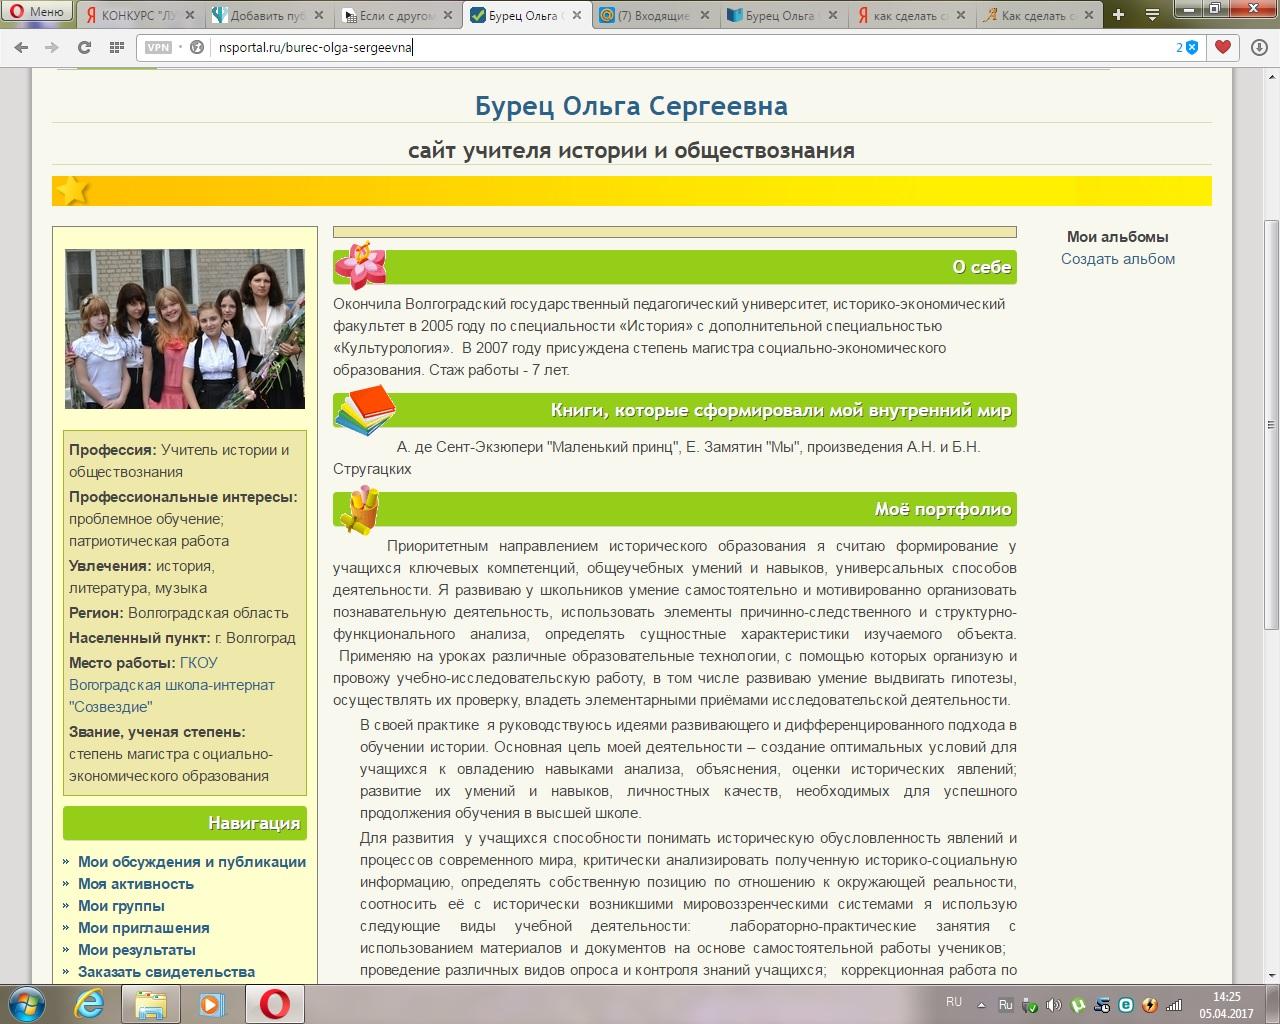 Как сделать сайт учителя